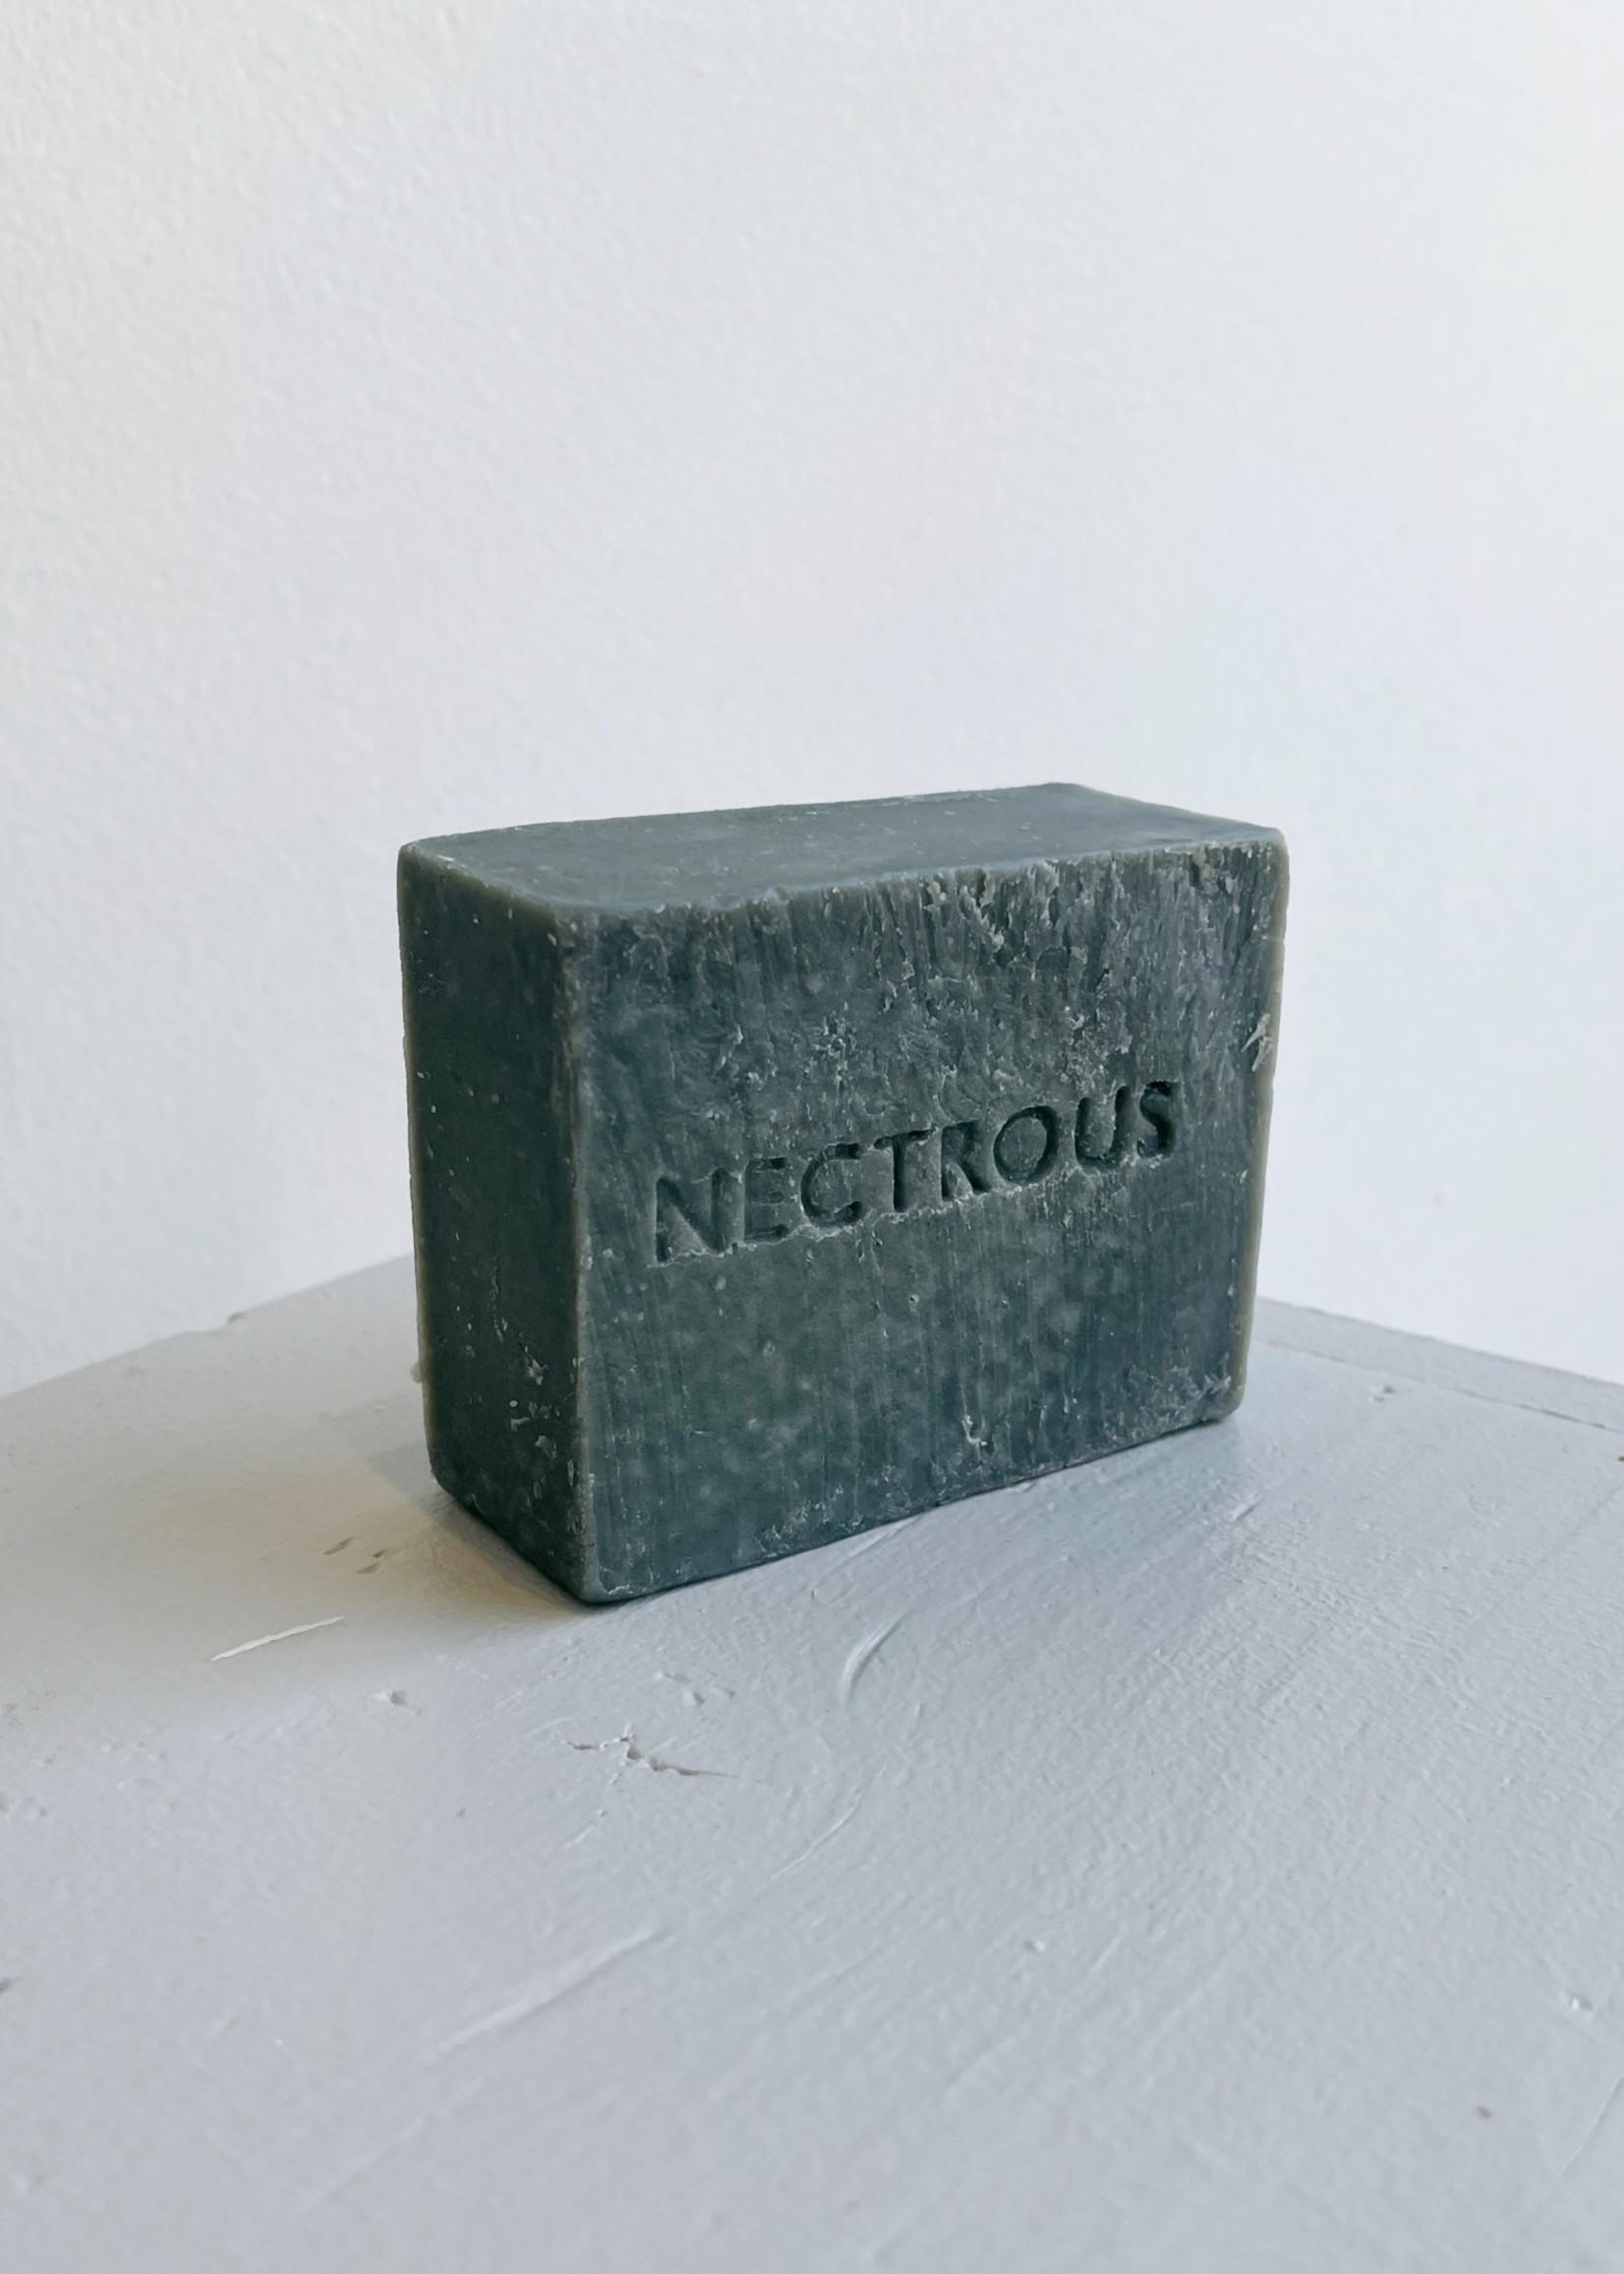 Nectrous Nectrous Soaps